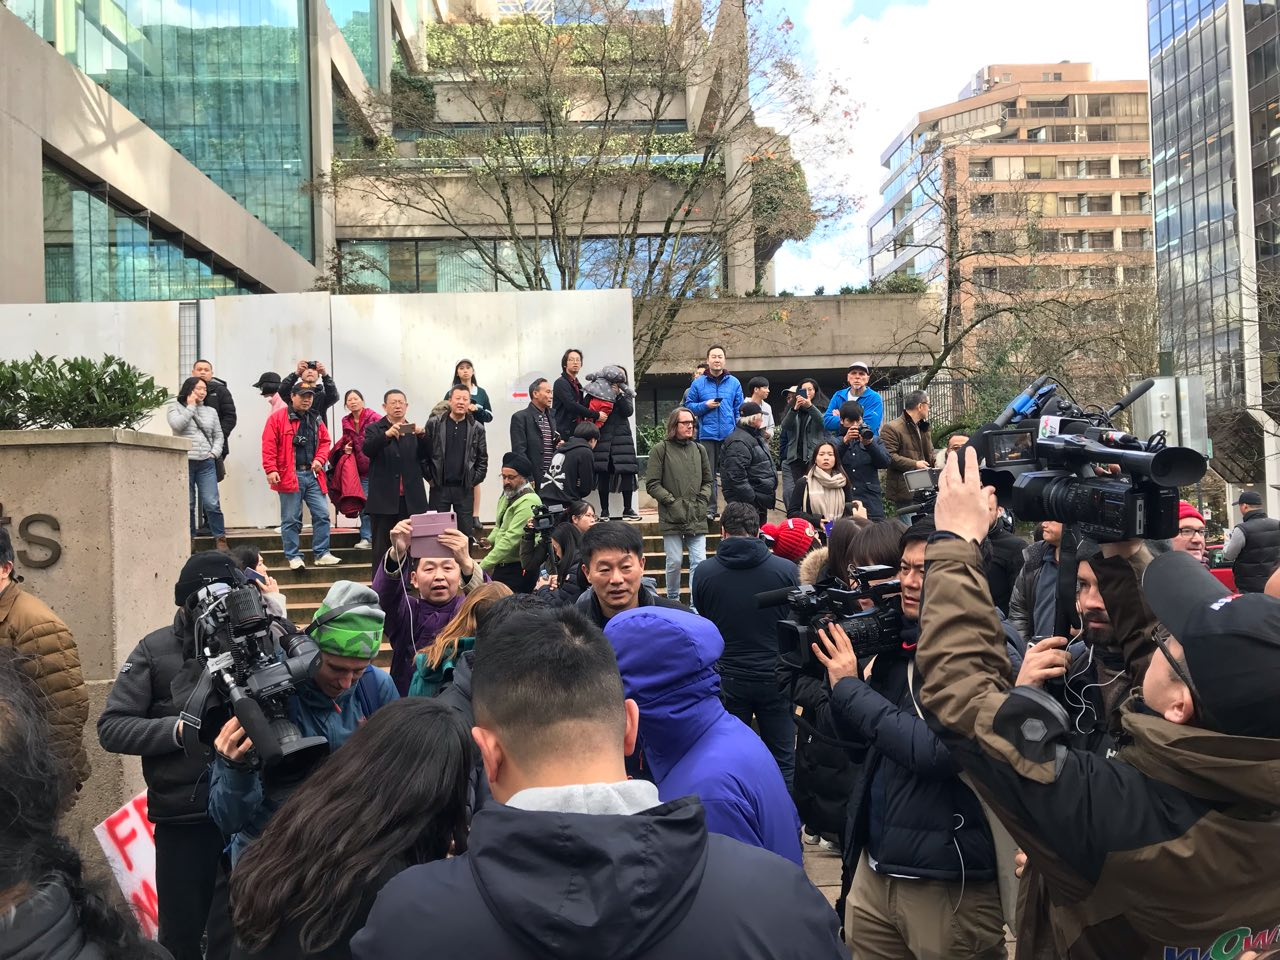 2018年12月10日,孟晚舟的保釋聆訊在加拿大卑詩高院進行,中午休庭時,一些參加旁聽的人在卑詩高院外。(唐風/大紀元)